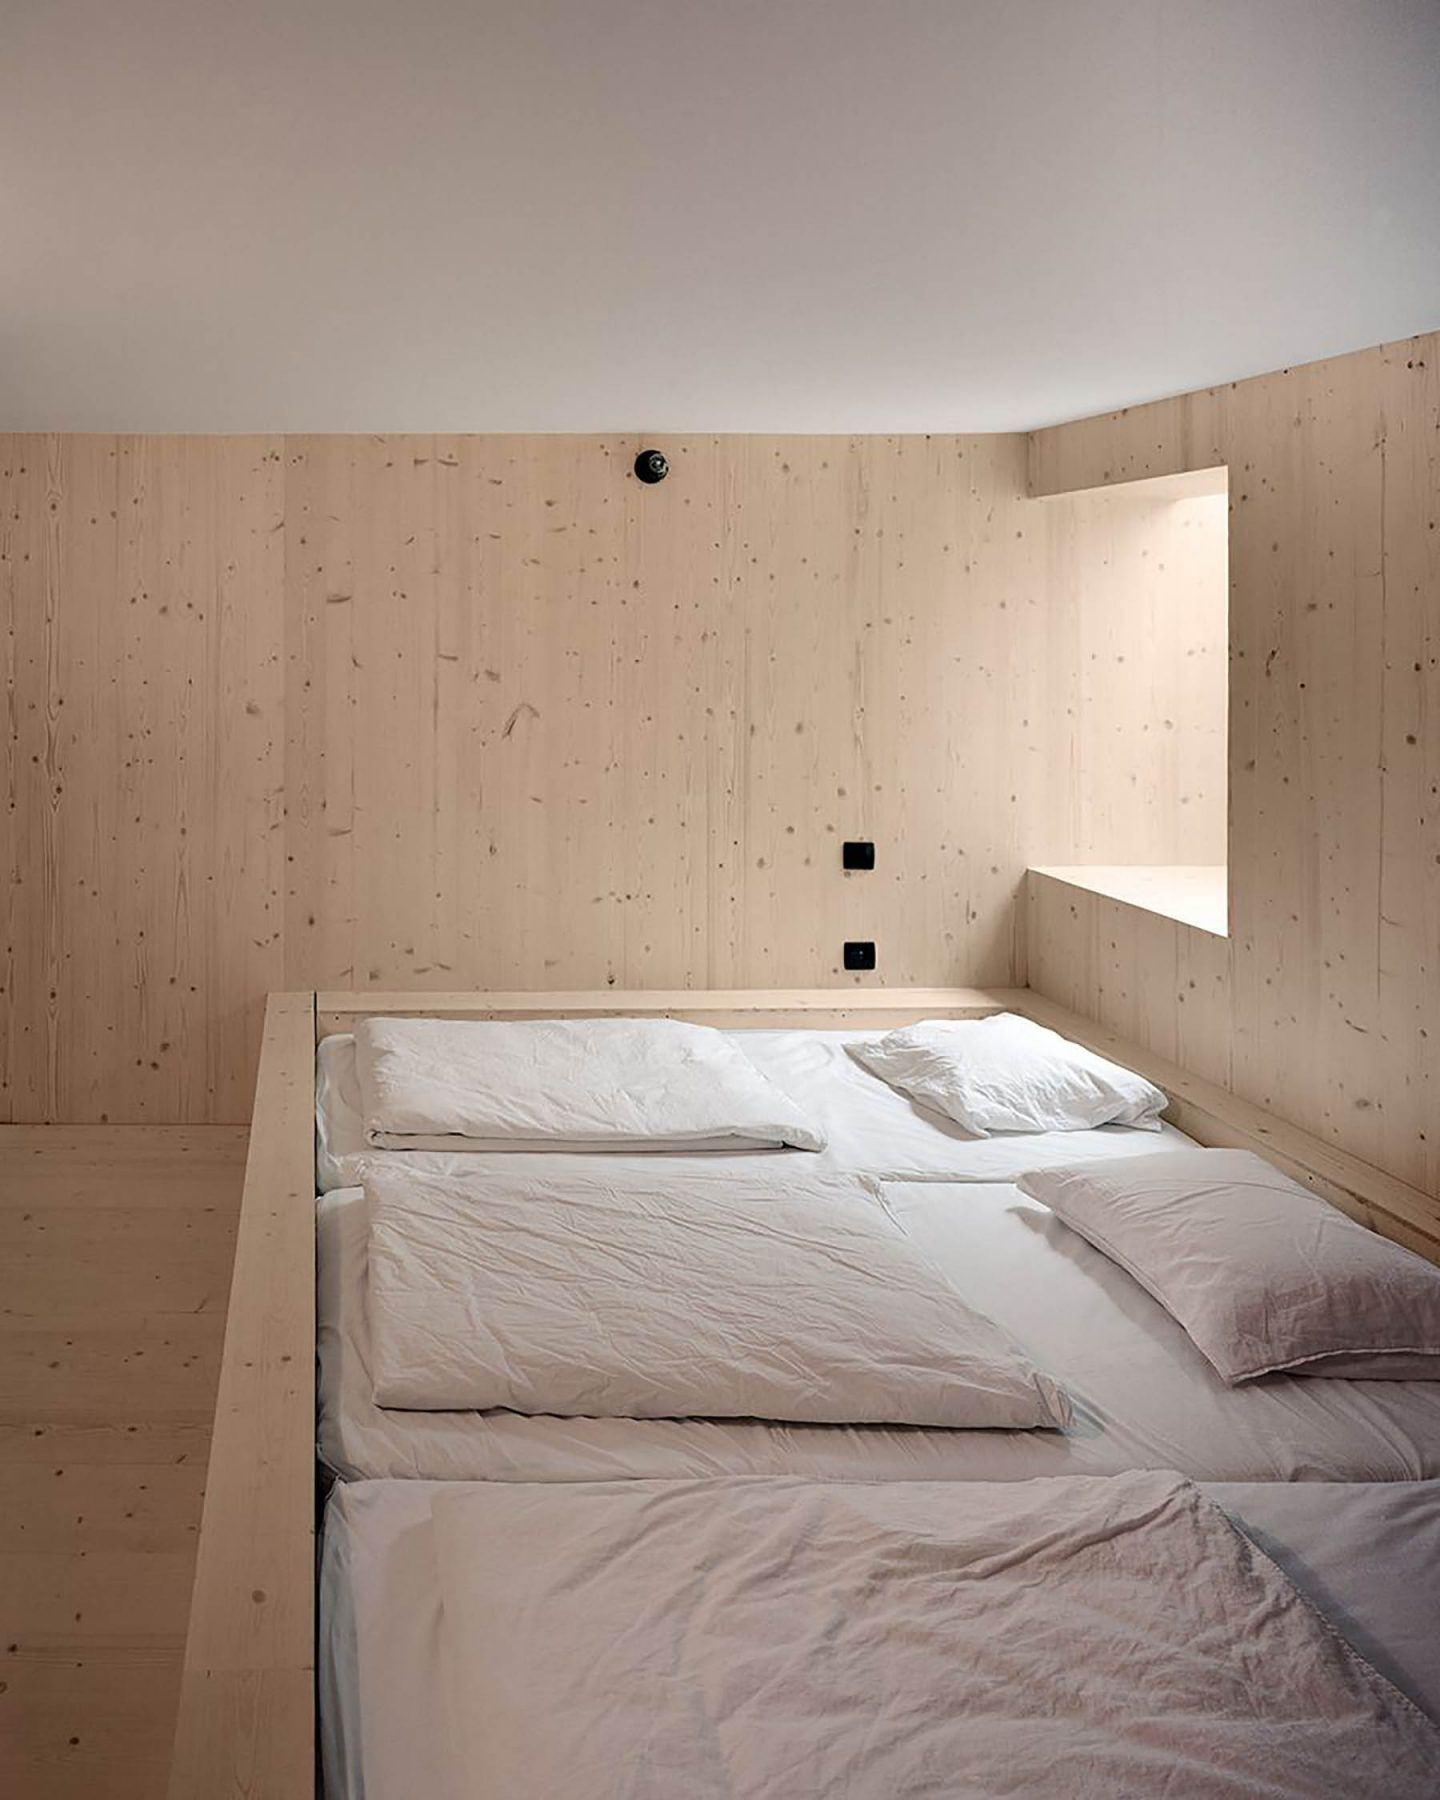 IGNANT-Architecture-Joachim-Fritschy-Frit01-16